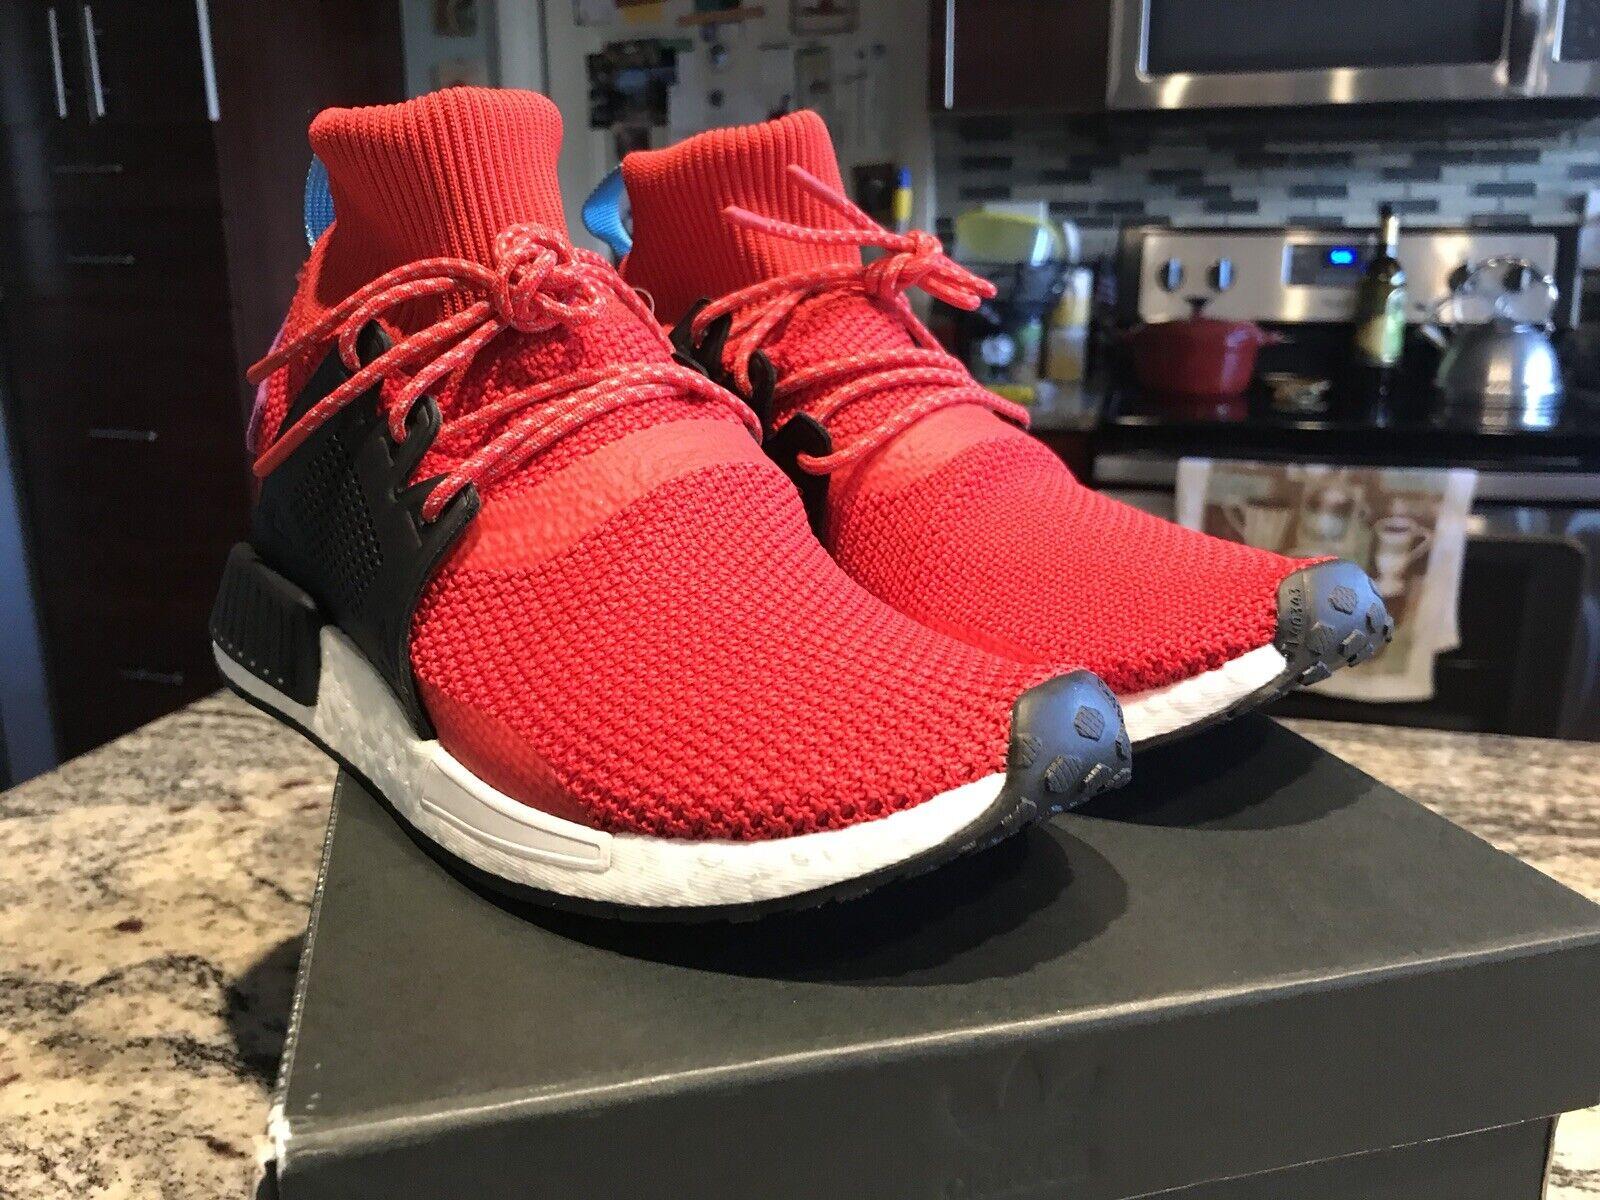 New adidas NMD_XR1 WINTER Uomo scarpe da ginnastica ginnastica ginnastica Dimensione 8.5 rosso With Box BZ0632 ORIGINALS dafe09